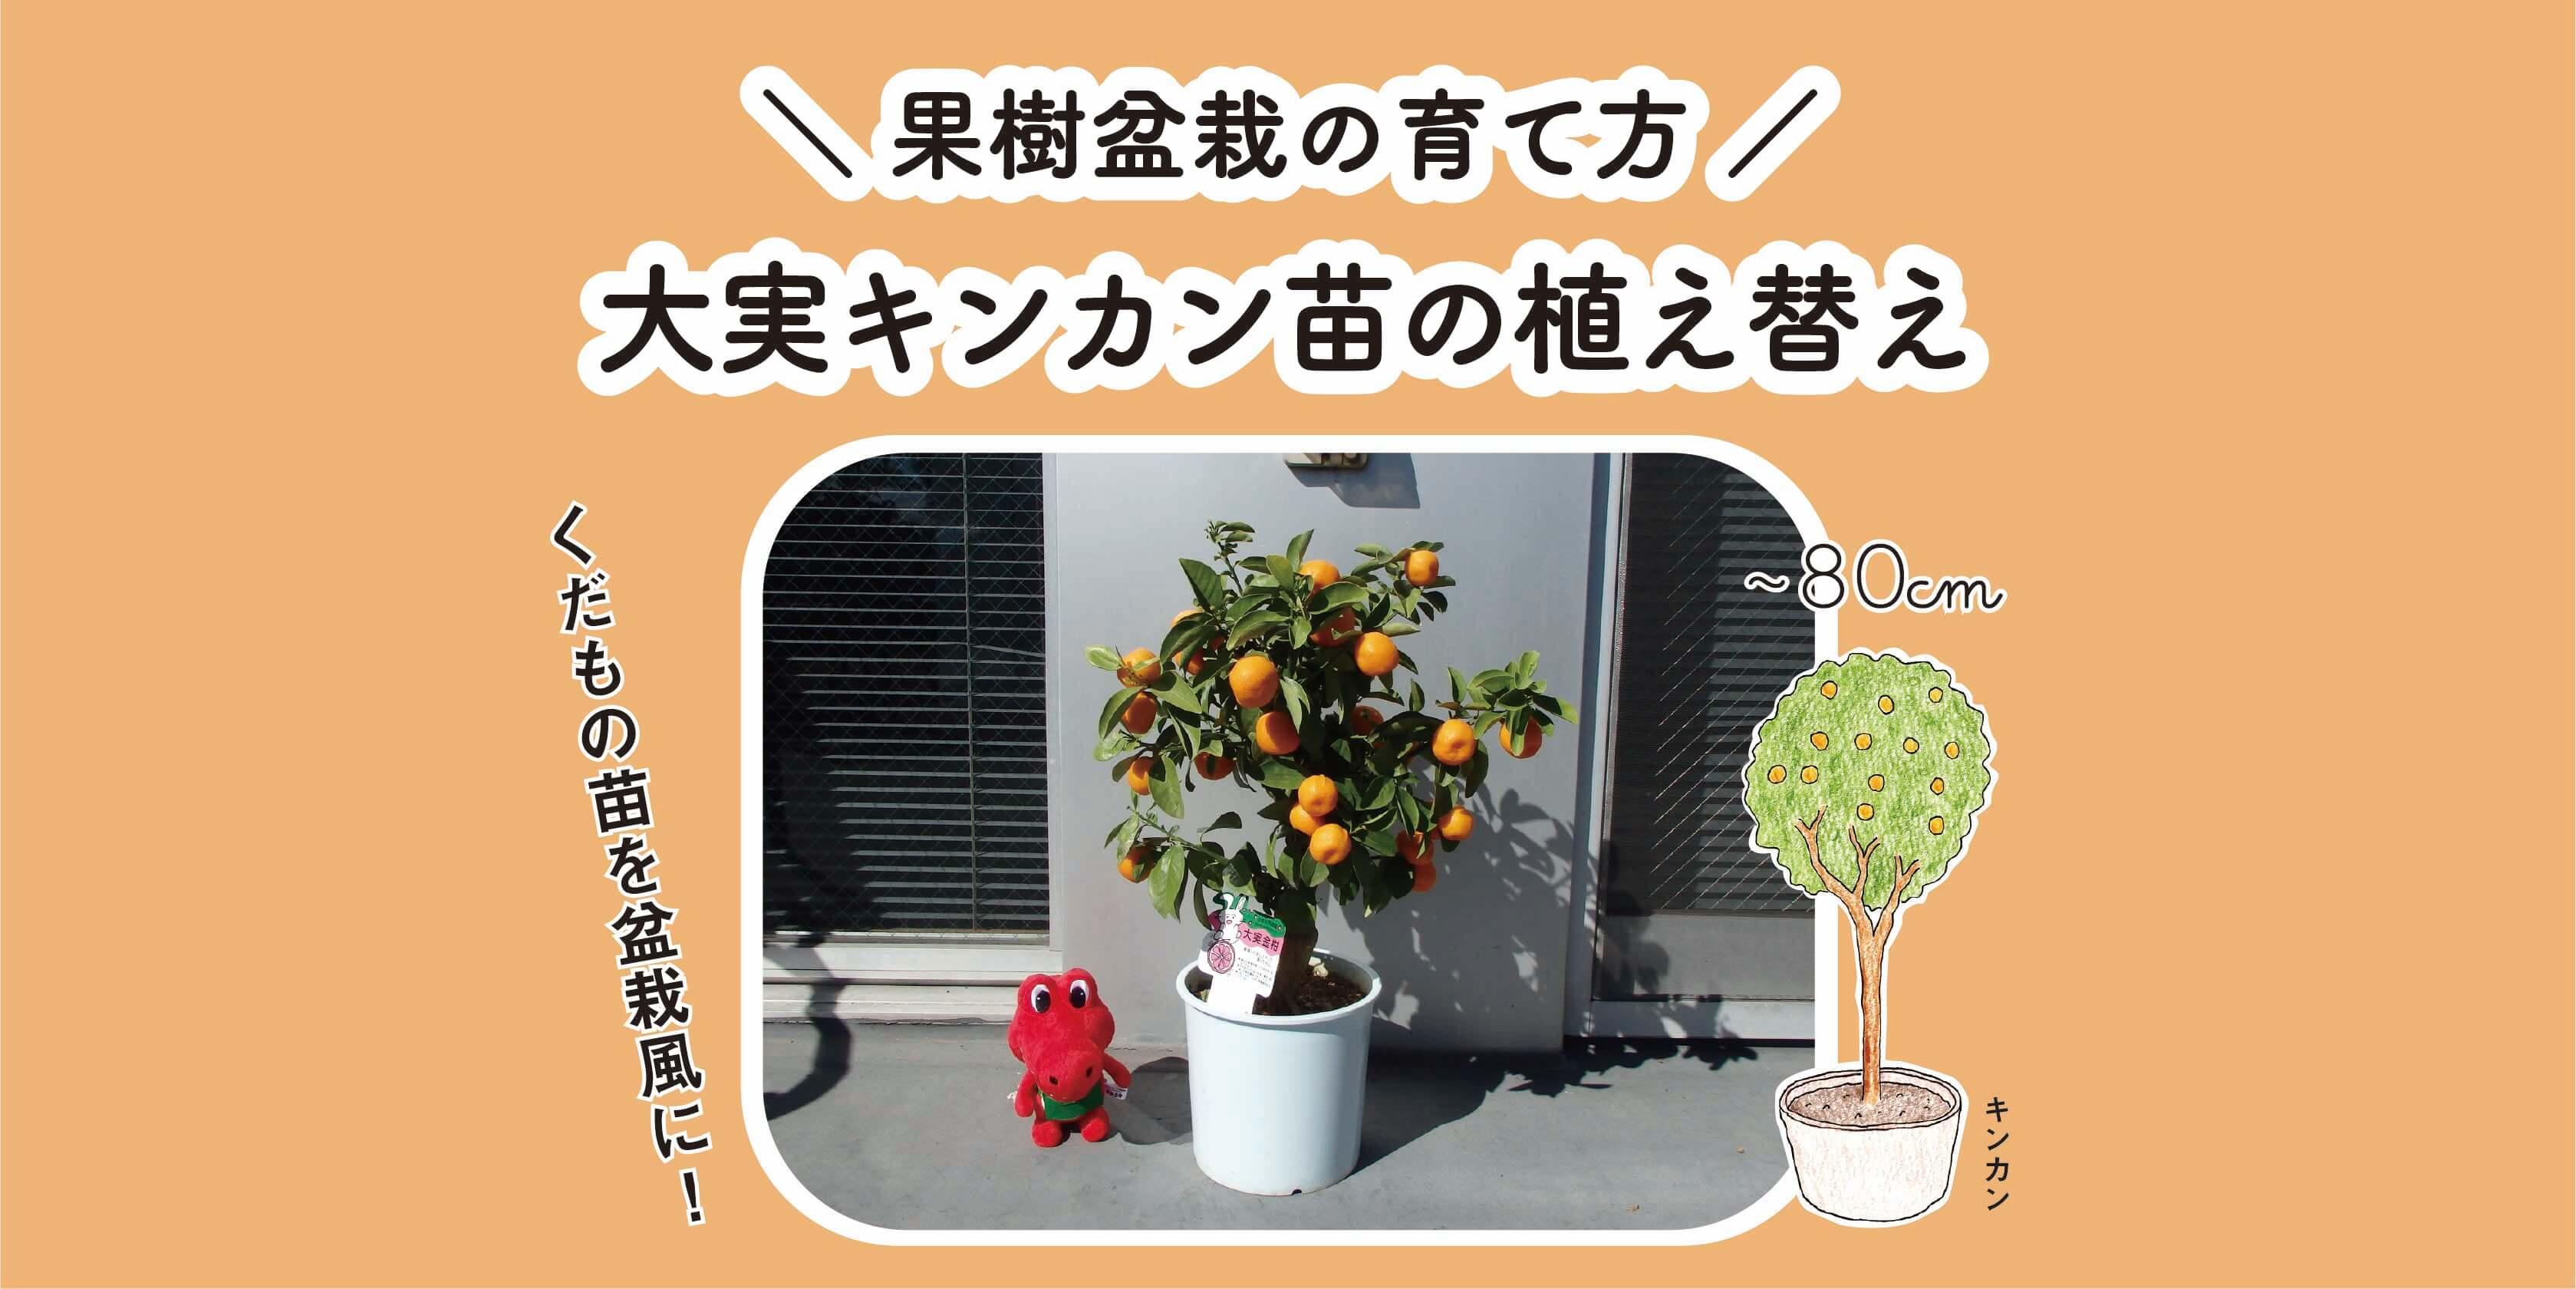 大実キンカン(金柑)苗の植え替え|果樹盆栽の育て方